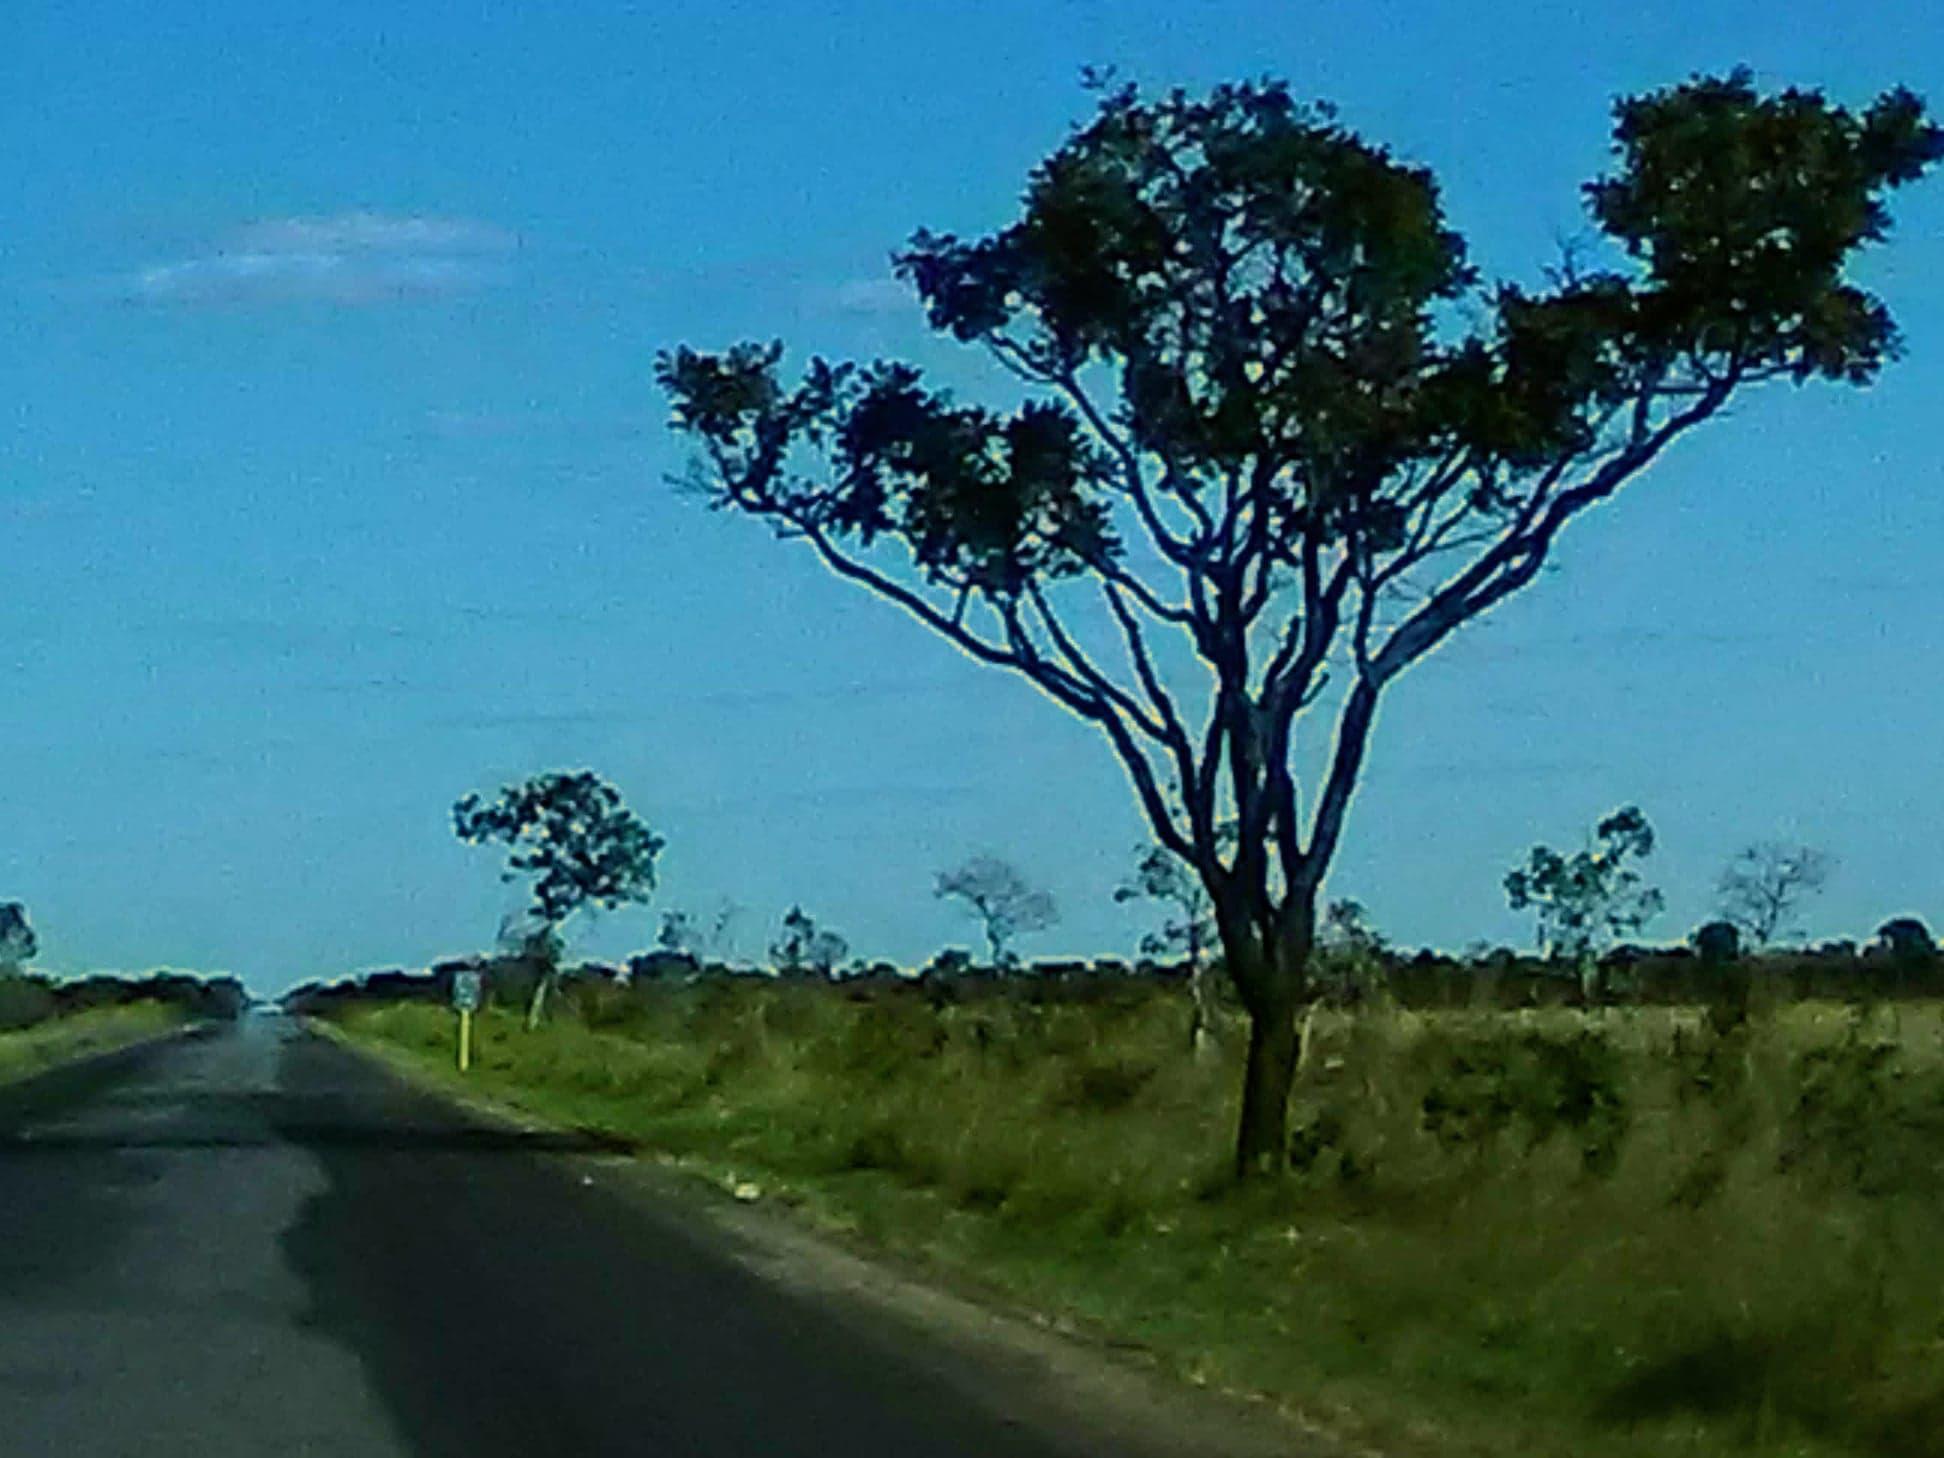 Y-de-weg-vanaf-het-park-naar-de-grote-weg-was-28-km-kaarst-rechtdoor.--4